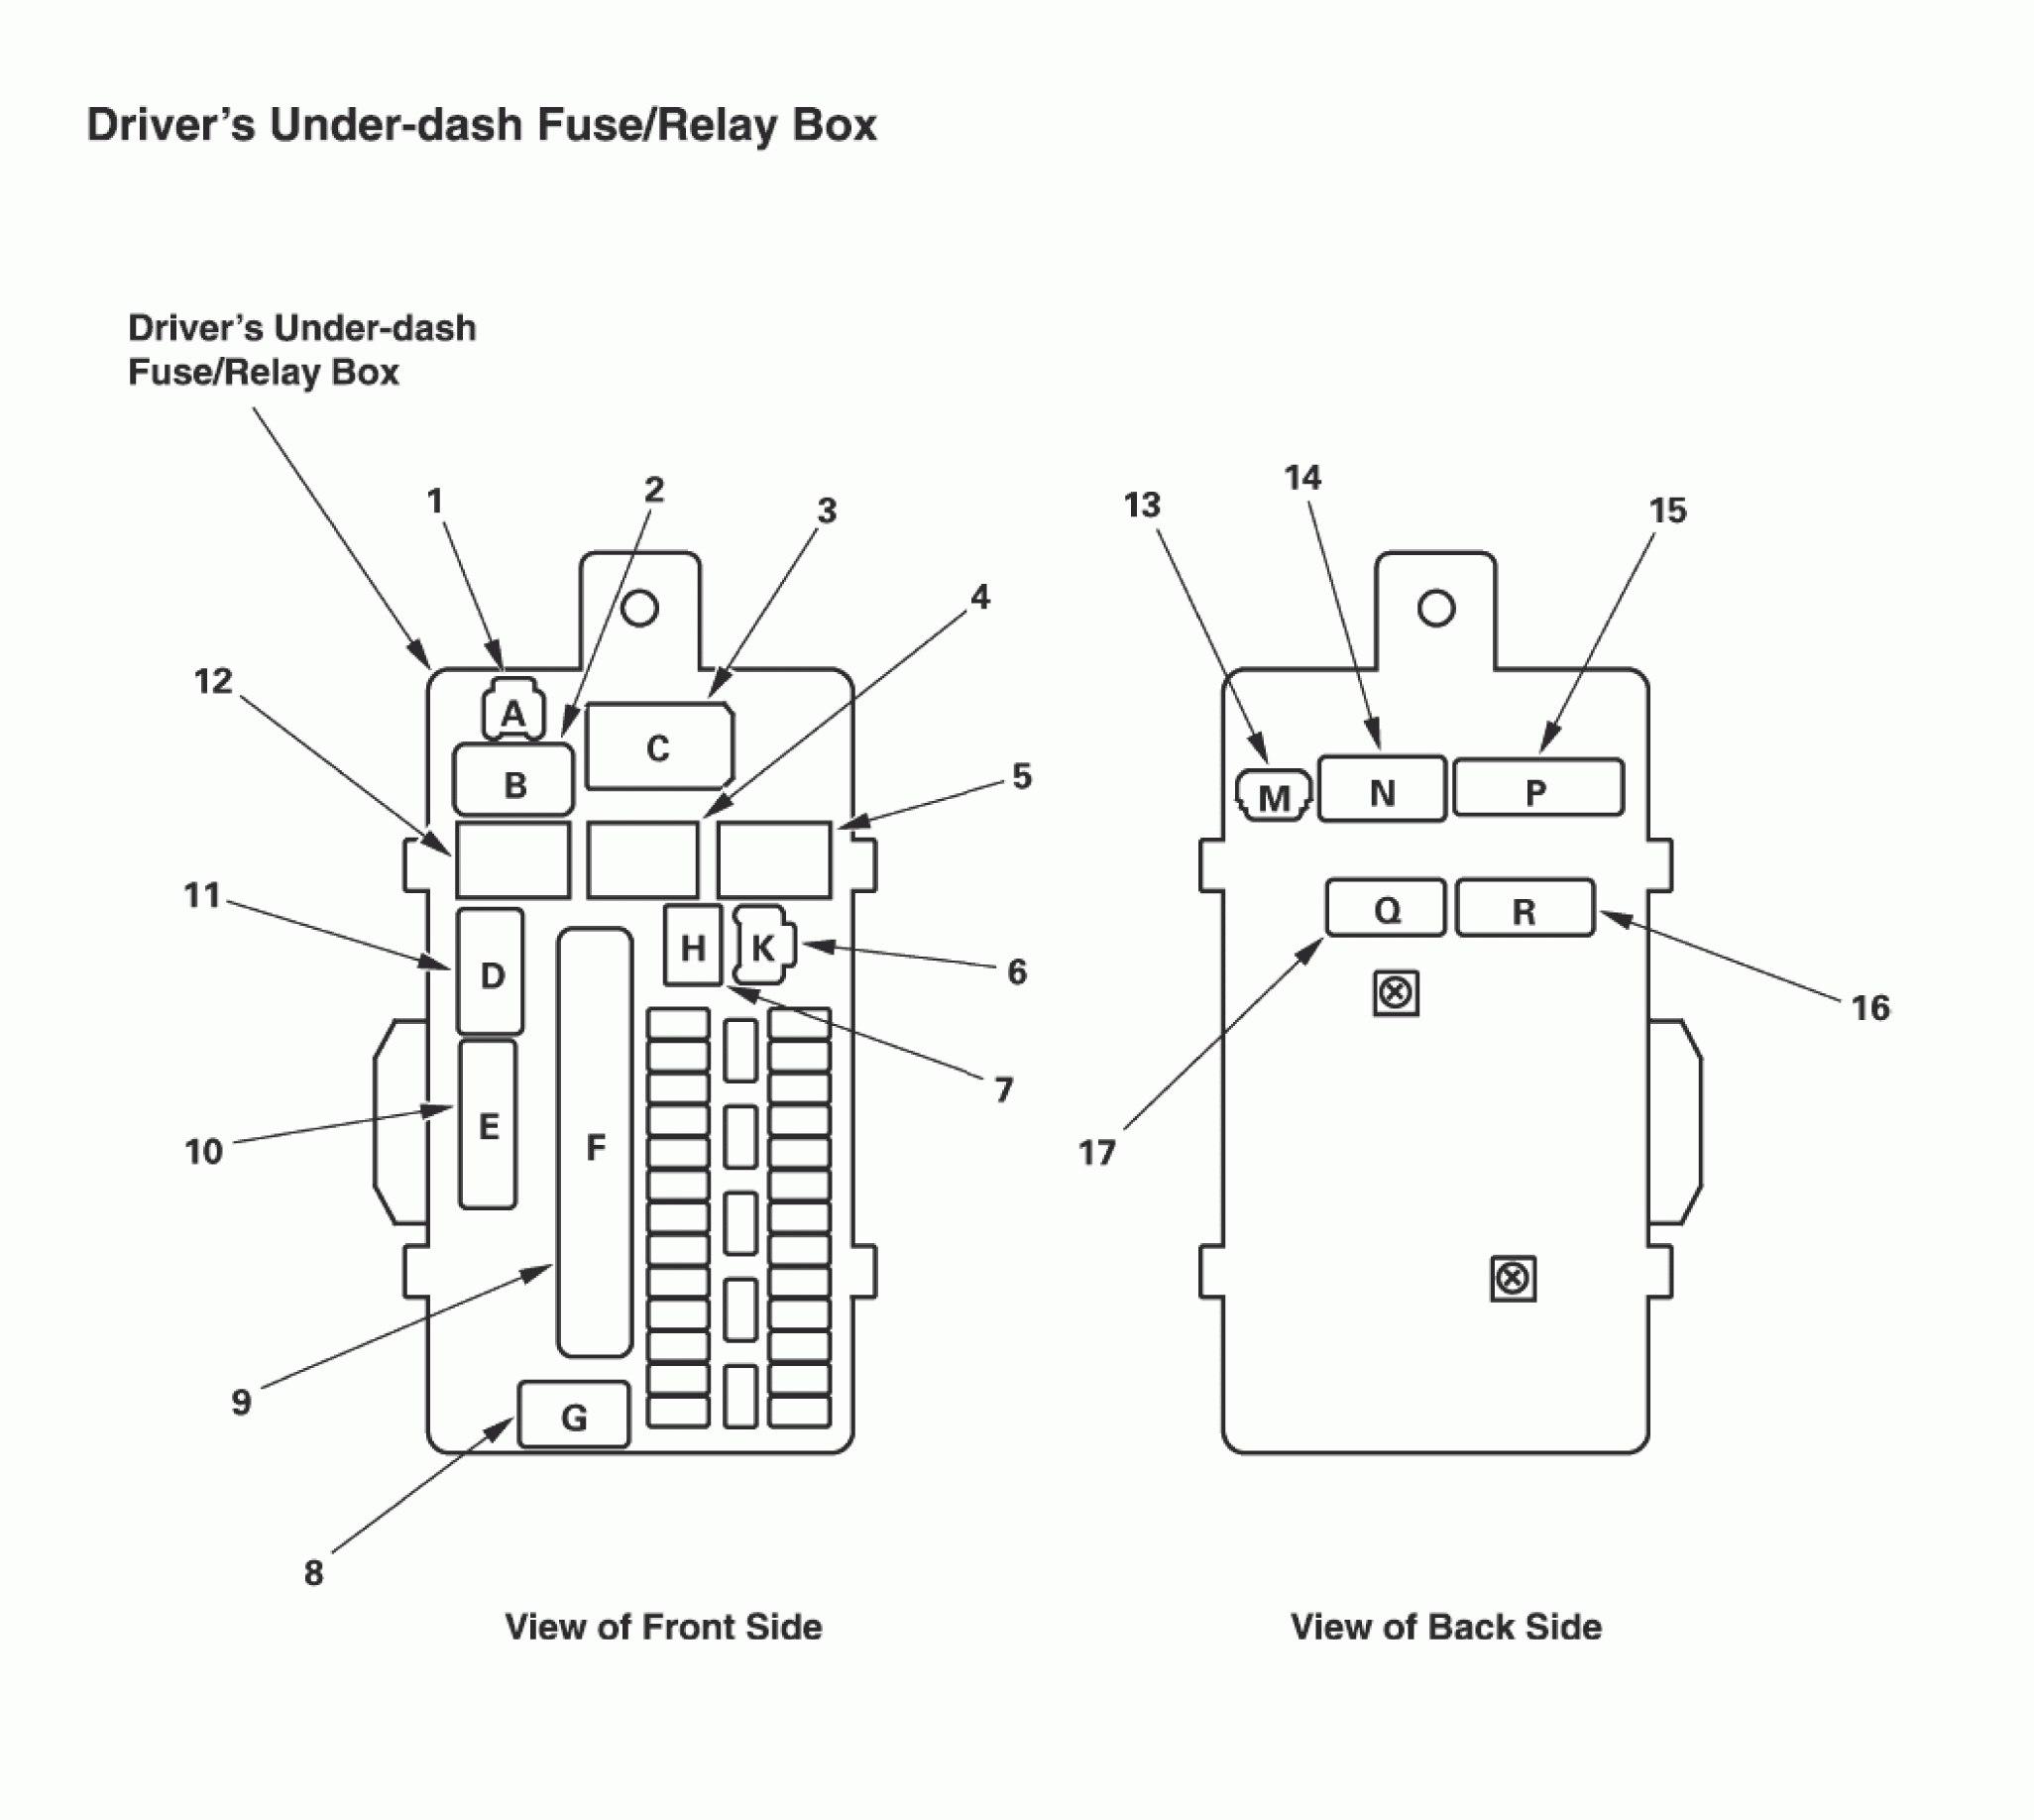 acura tl  2011  - wiring diagrams - fuse panel